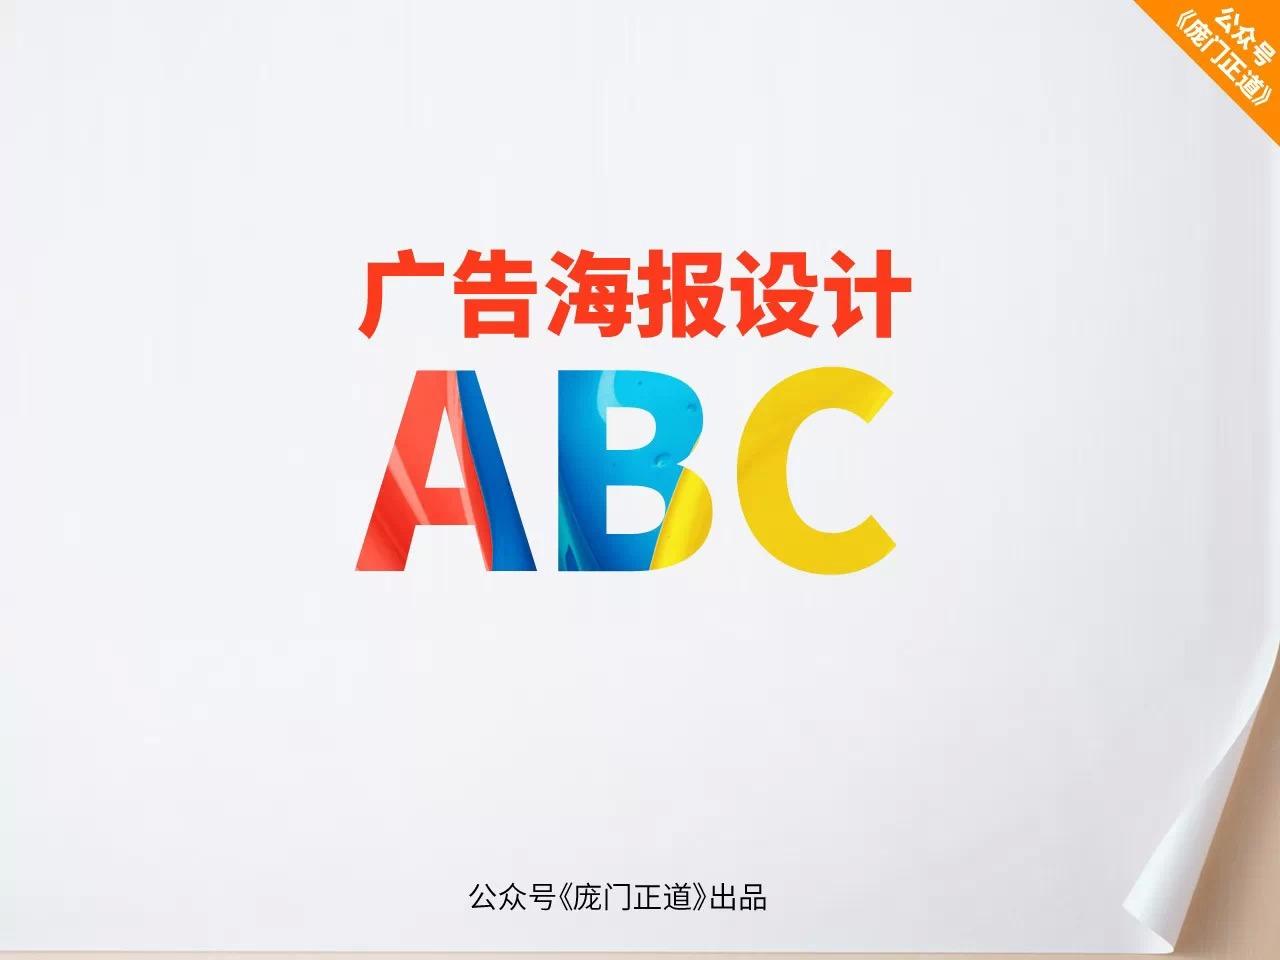 photoshop教程 photoshop图文教程 广告海报设计abc  摘要:广告海报